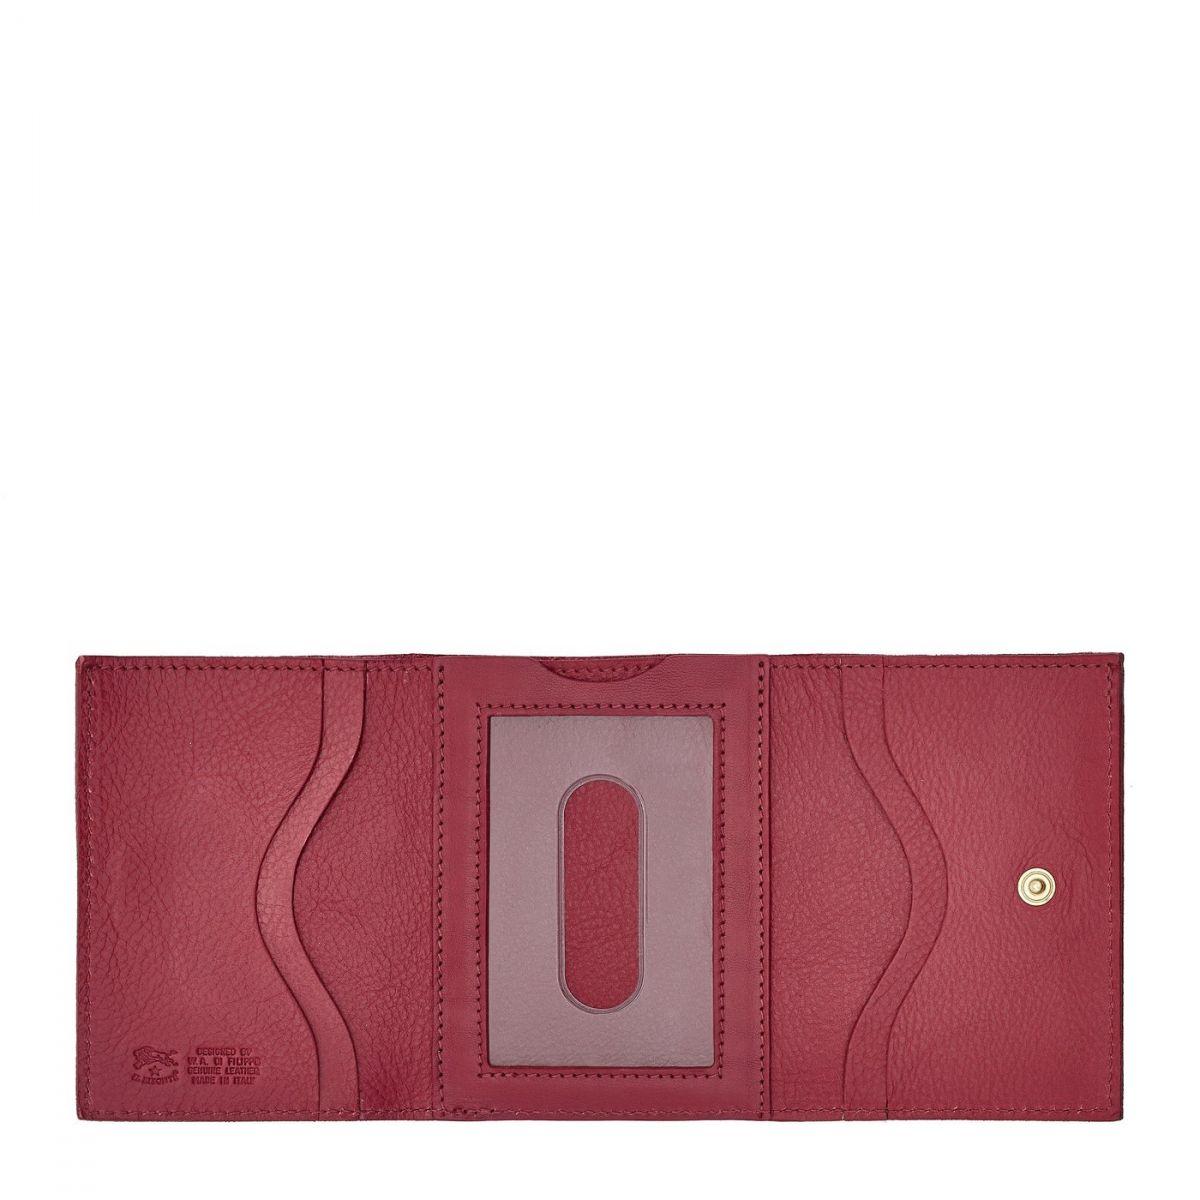 Portefeuille en Cuir De Vachette SMW036 couleur Sumac | Details